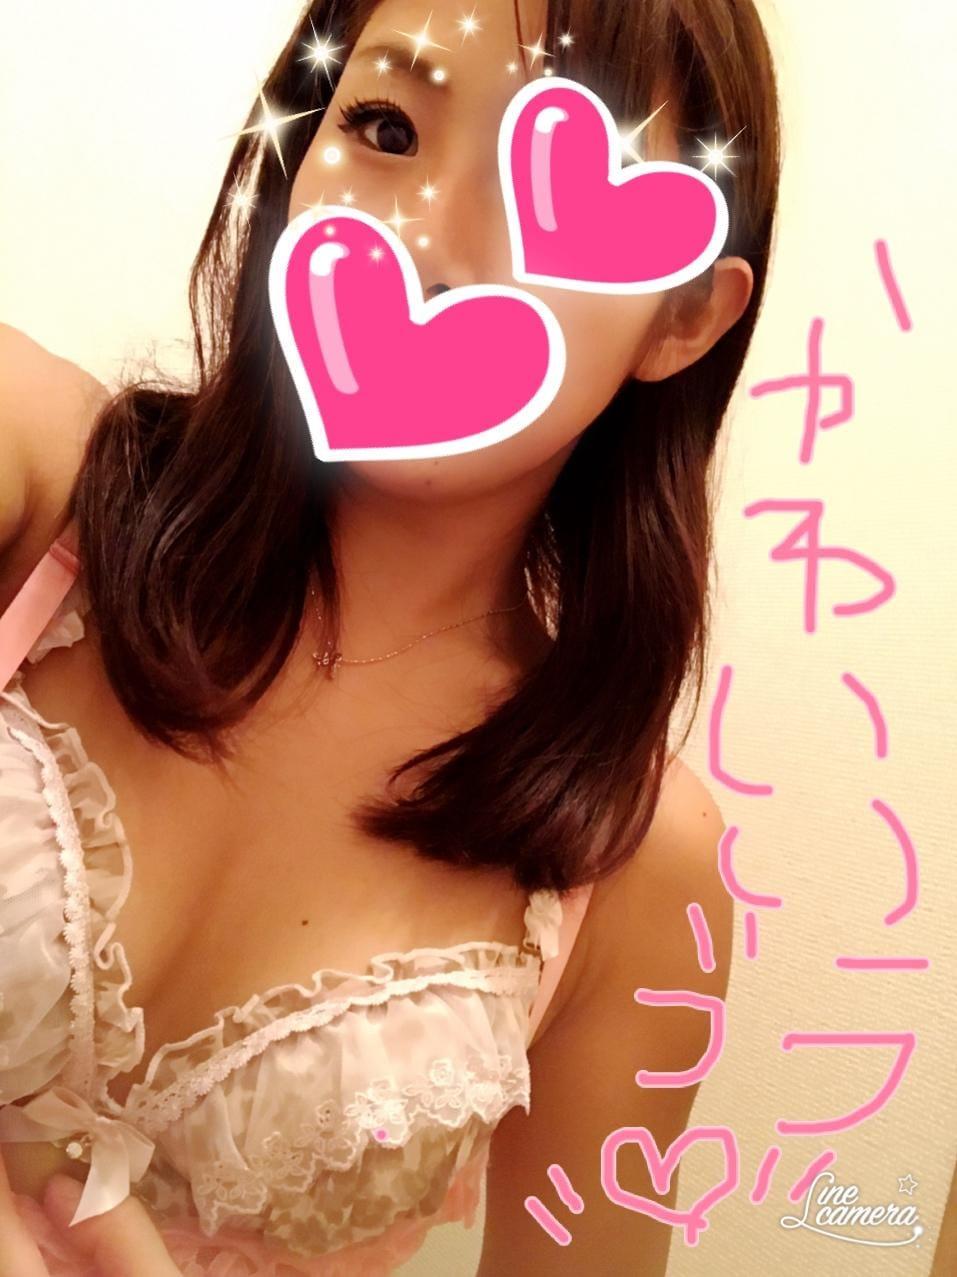 「この間はKnちゃんありがとう♡」10/06(土) 17:15 | 中条れいかの写メ・風俗動画